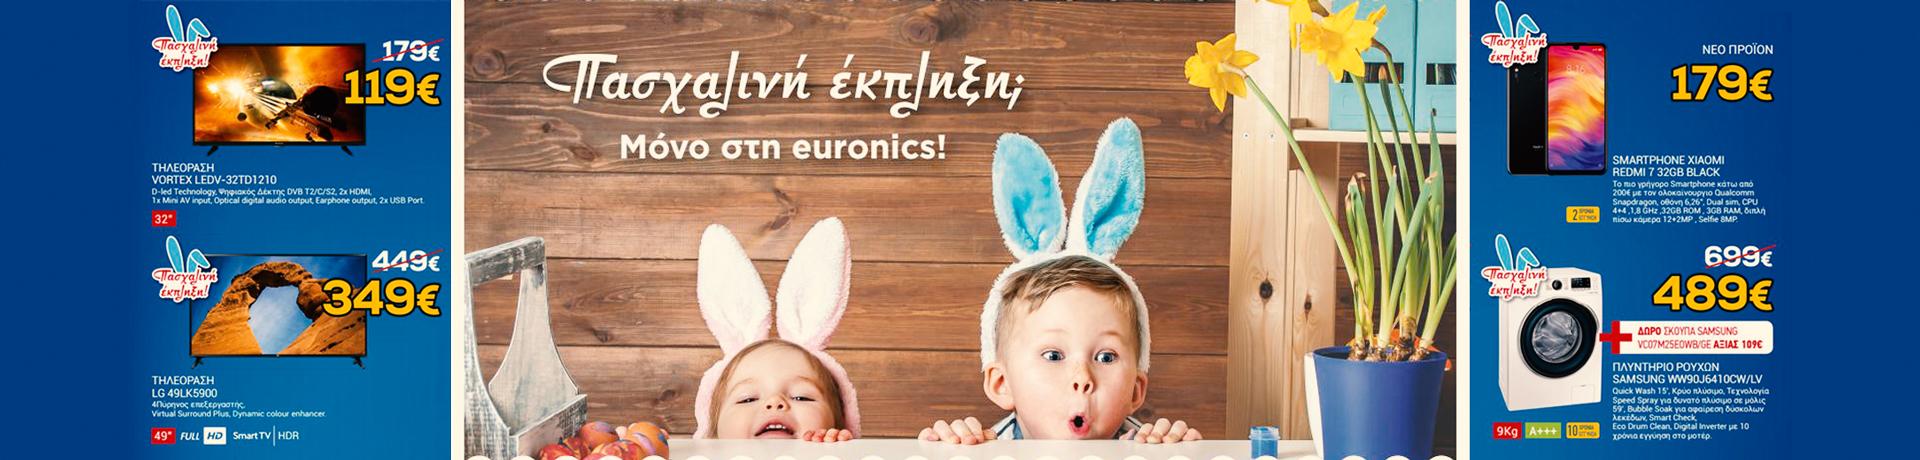 parras-euronics-slide-1